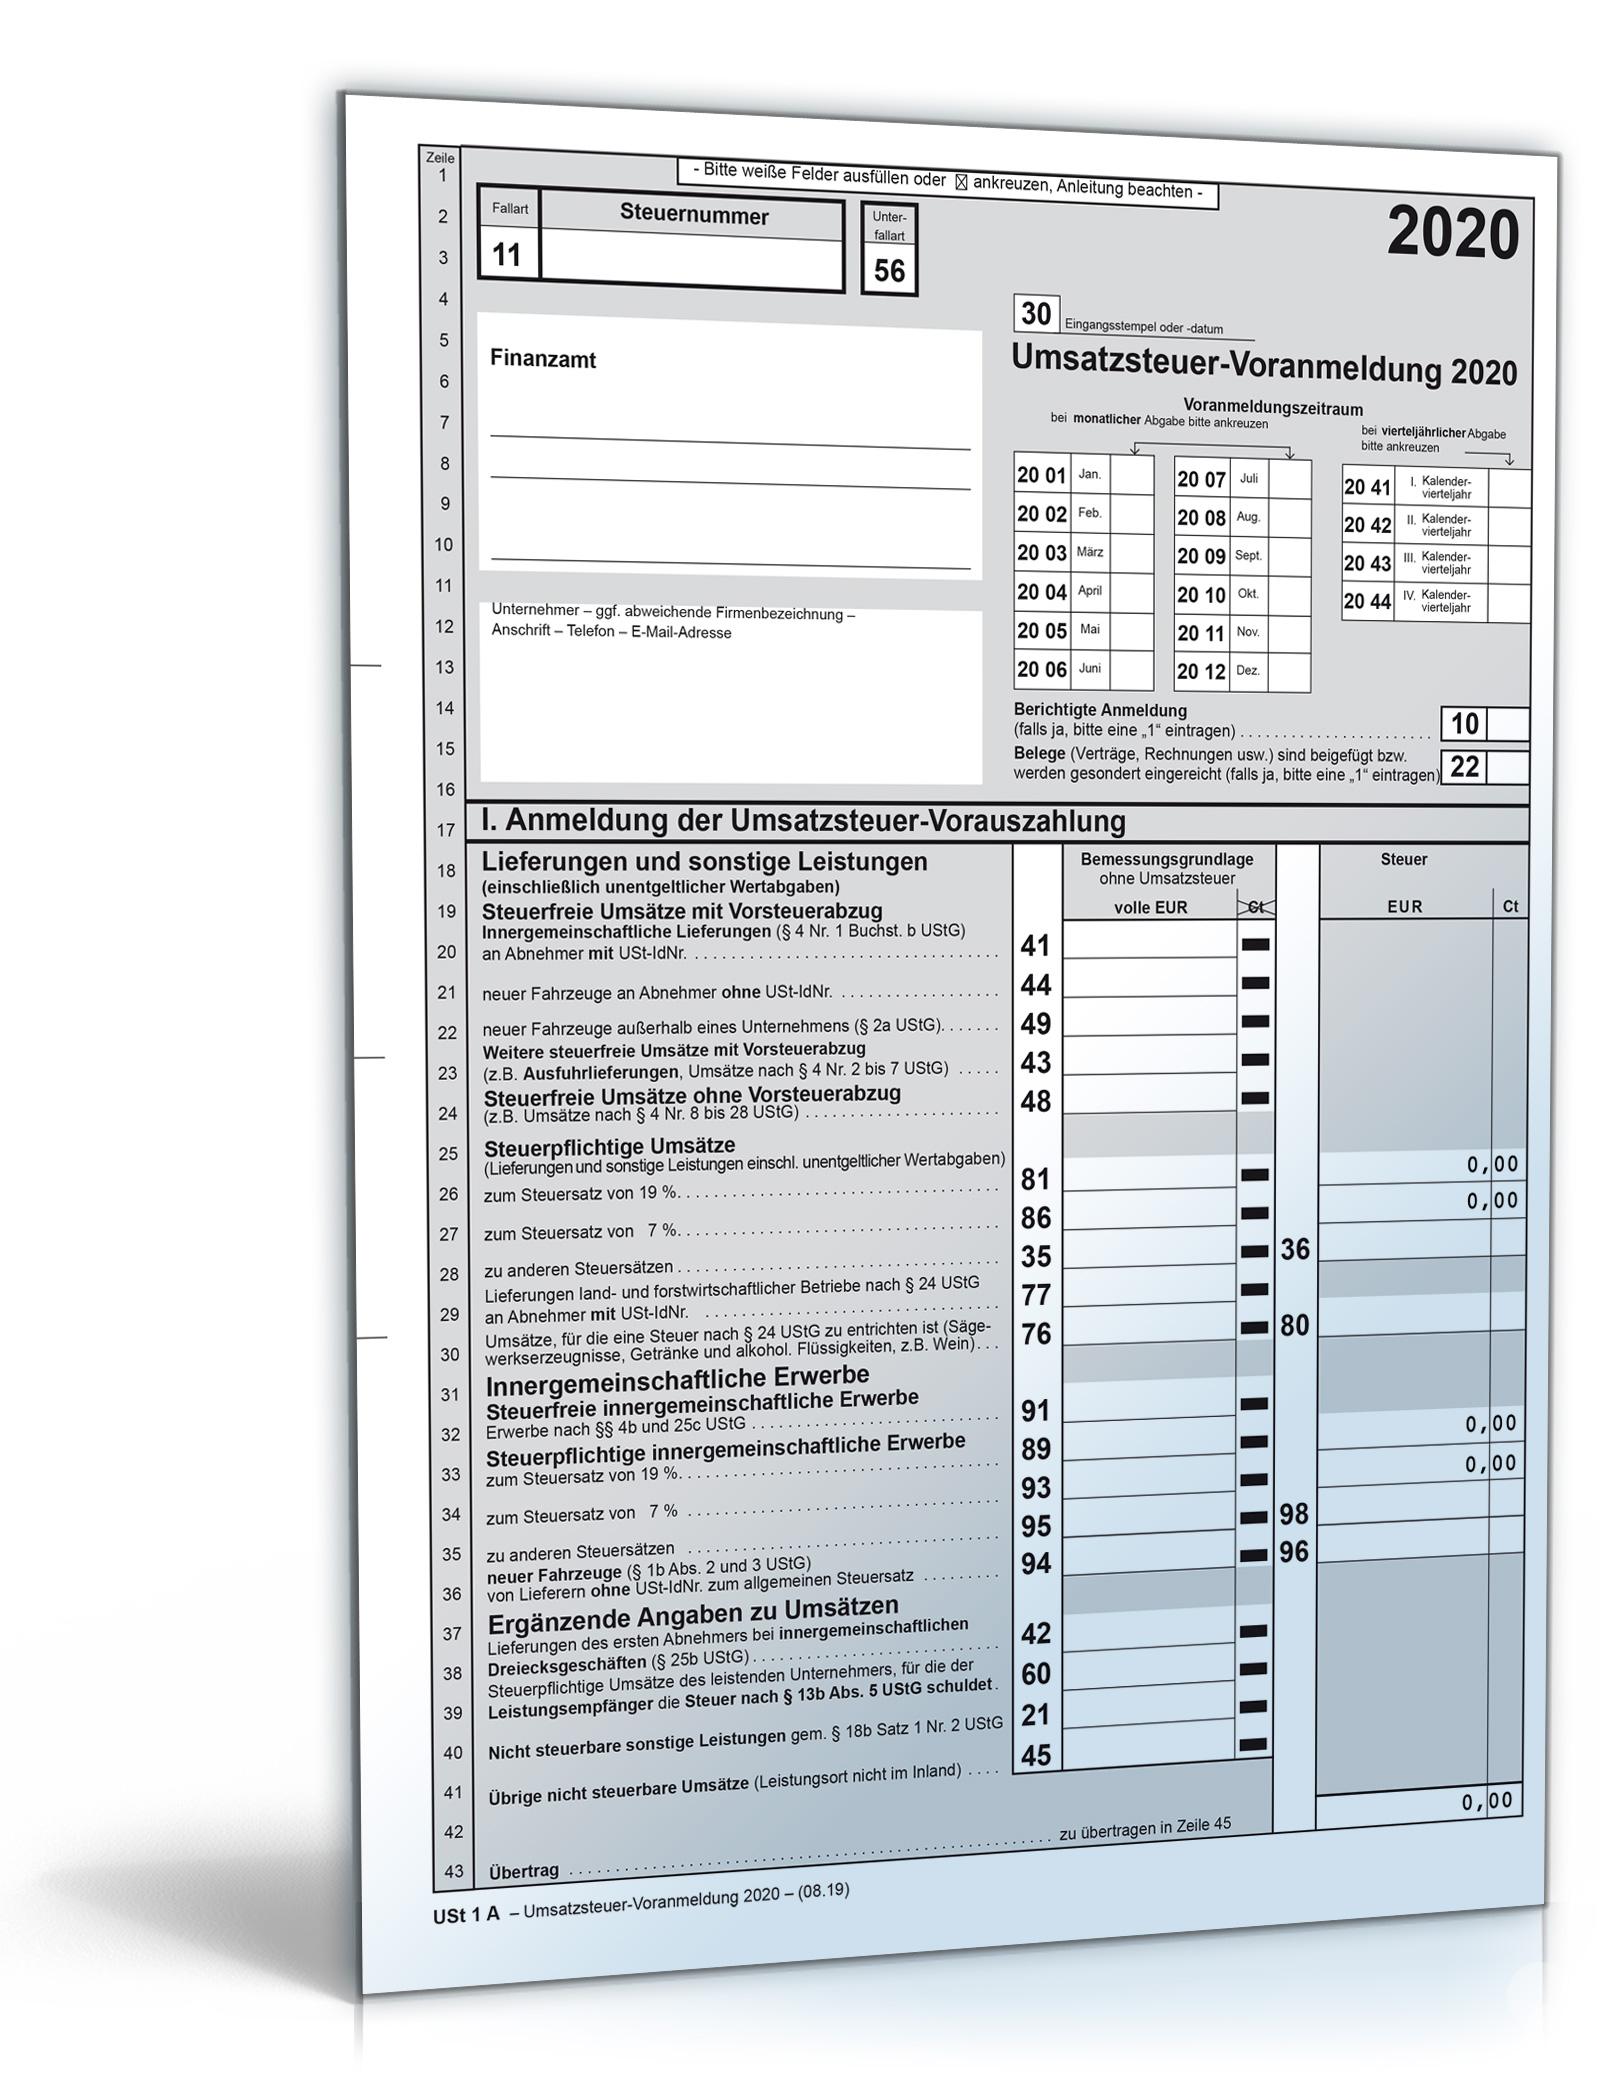 Umsatzsteuer-Voranmeldung 2020 Dokument zum Download